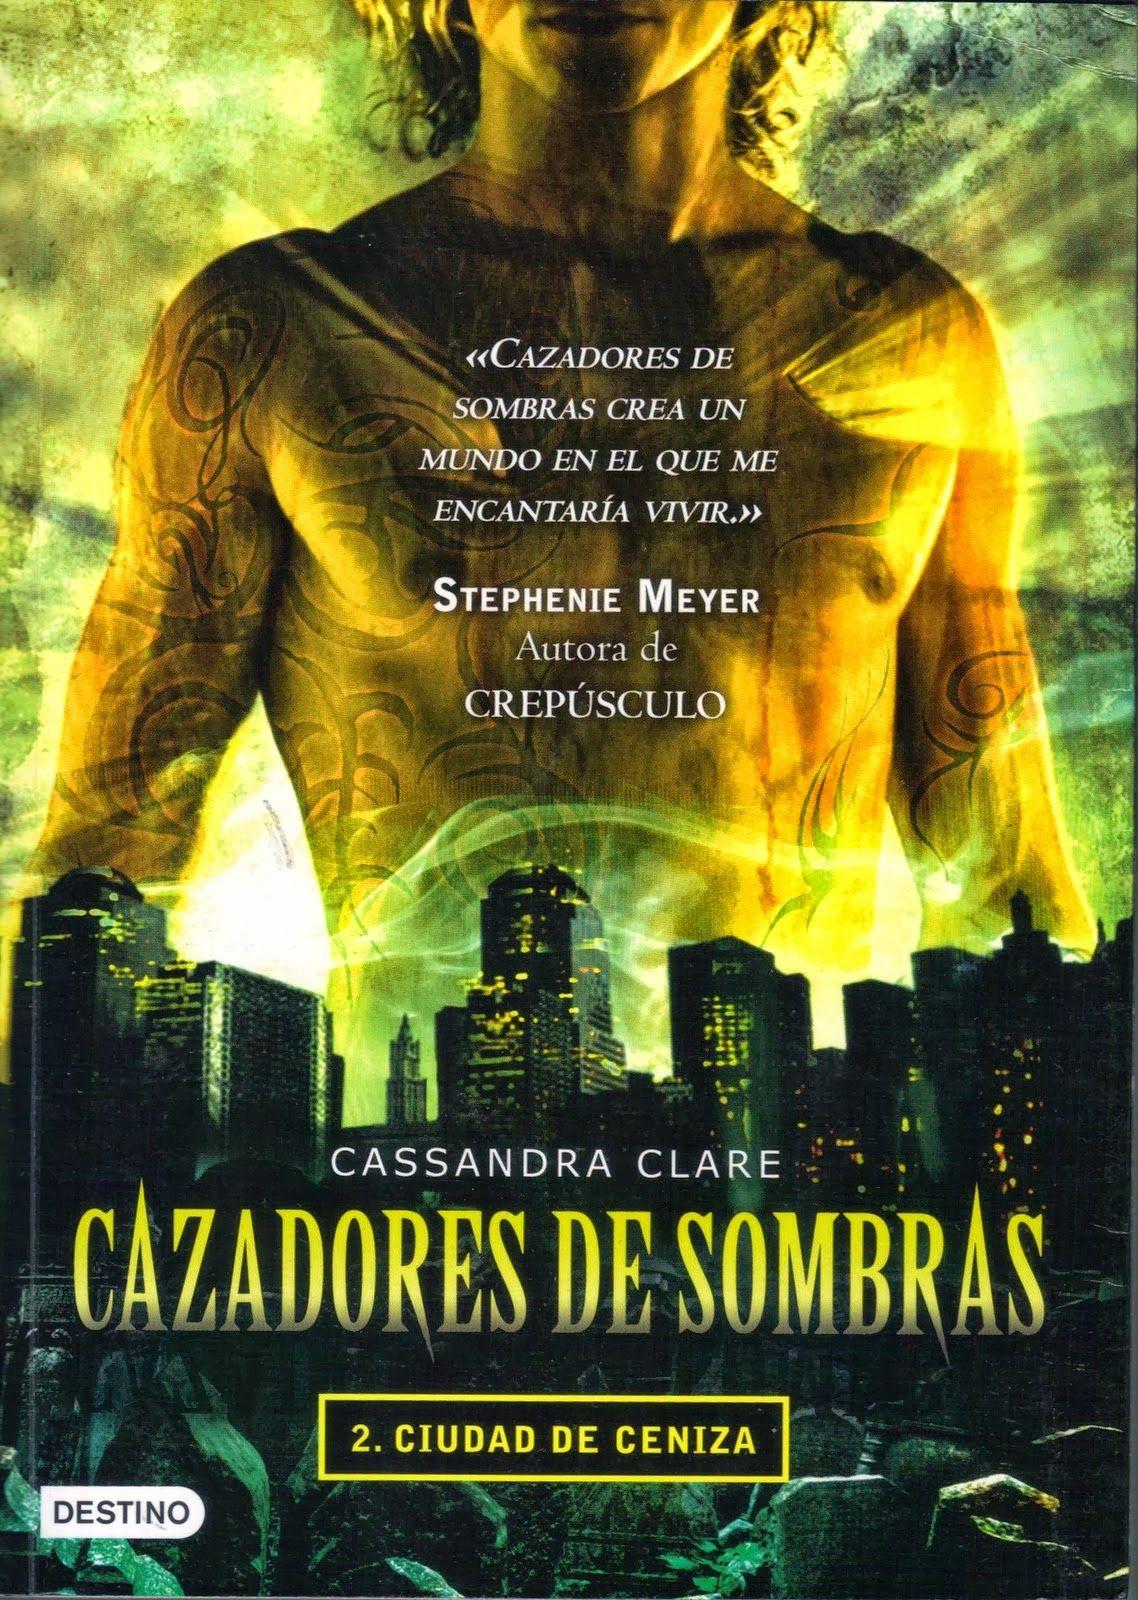 Cazadores de sombras: Ciudad de ceniza, Cassandra Clare. ''Clary: <<Lo haces - quiso decirle -. Vives en mi mente todo el tiempo.>>''